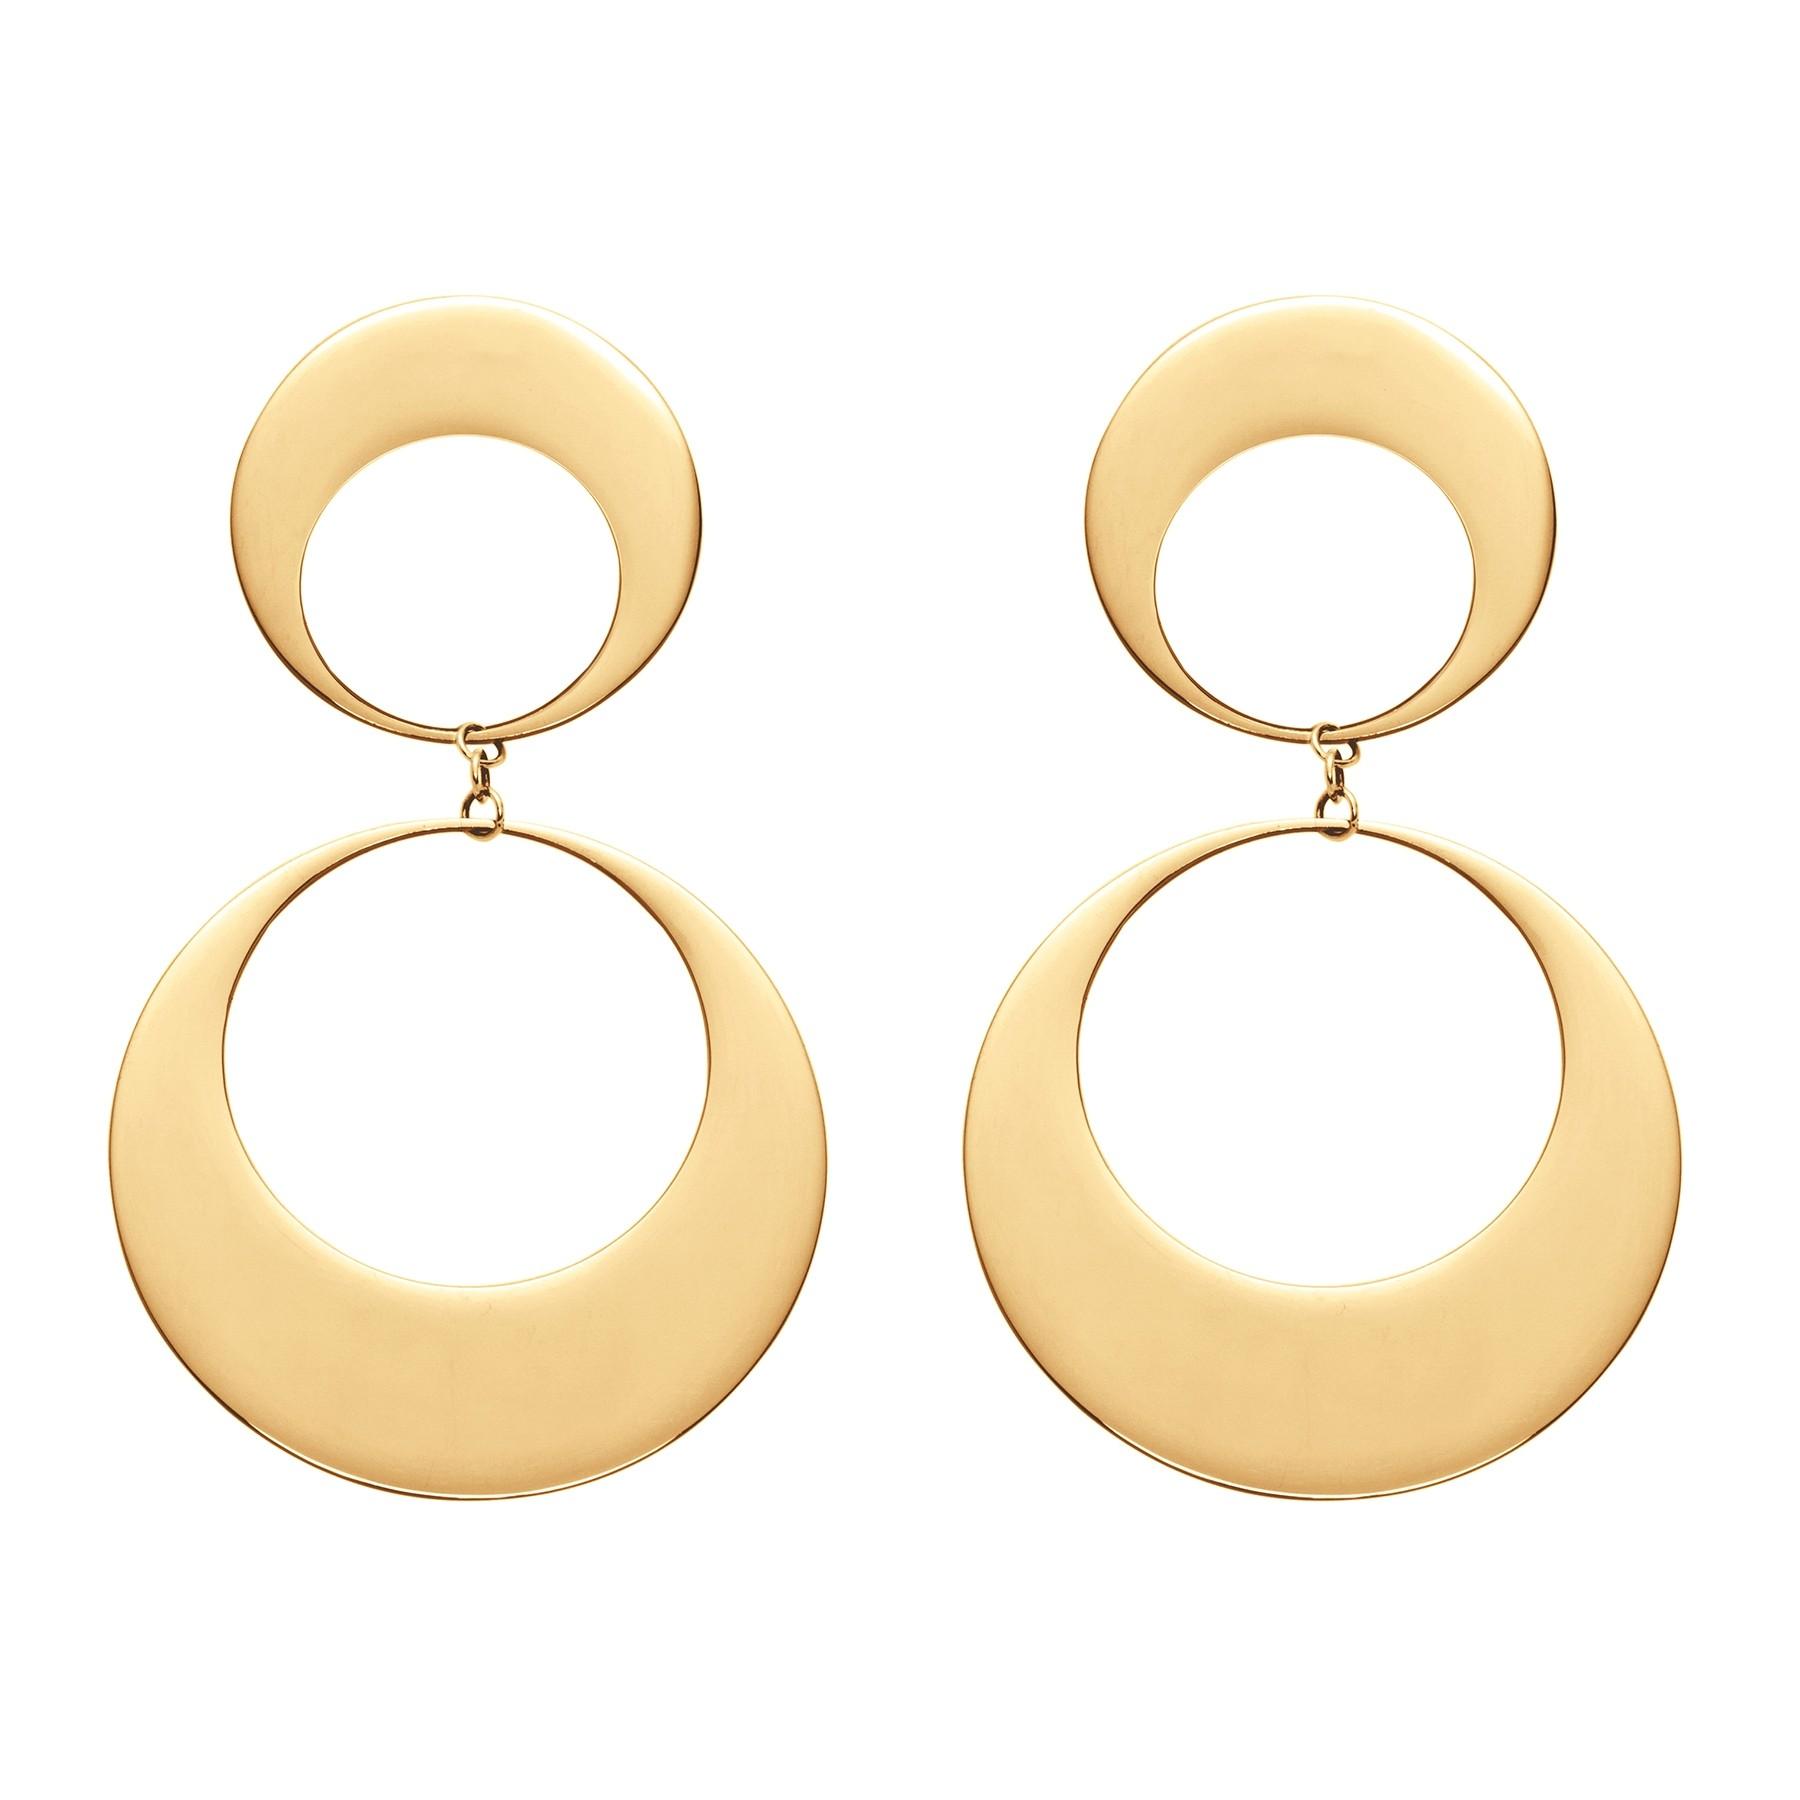 Boucles d'oreilles 2 éléments plaqués or